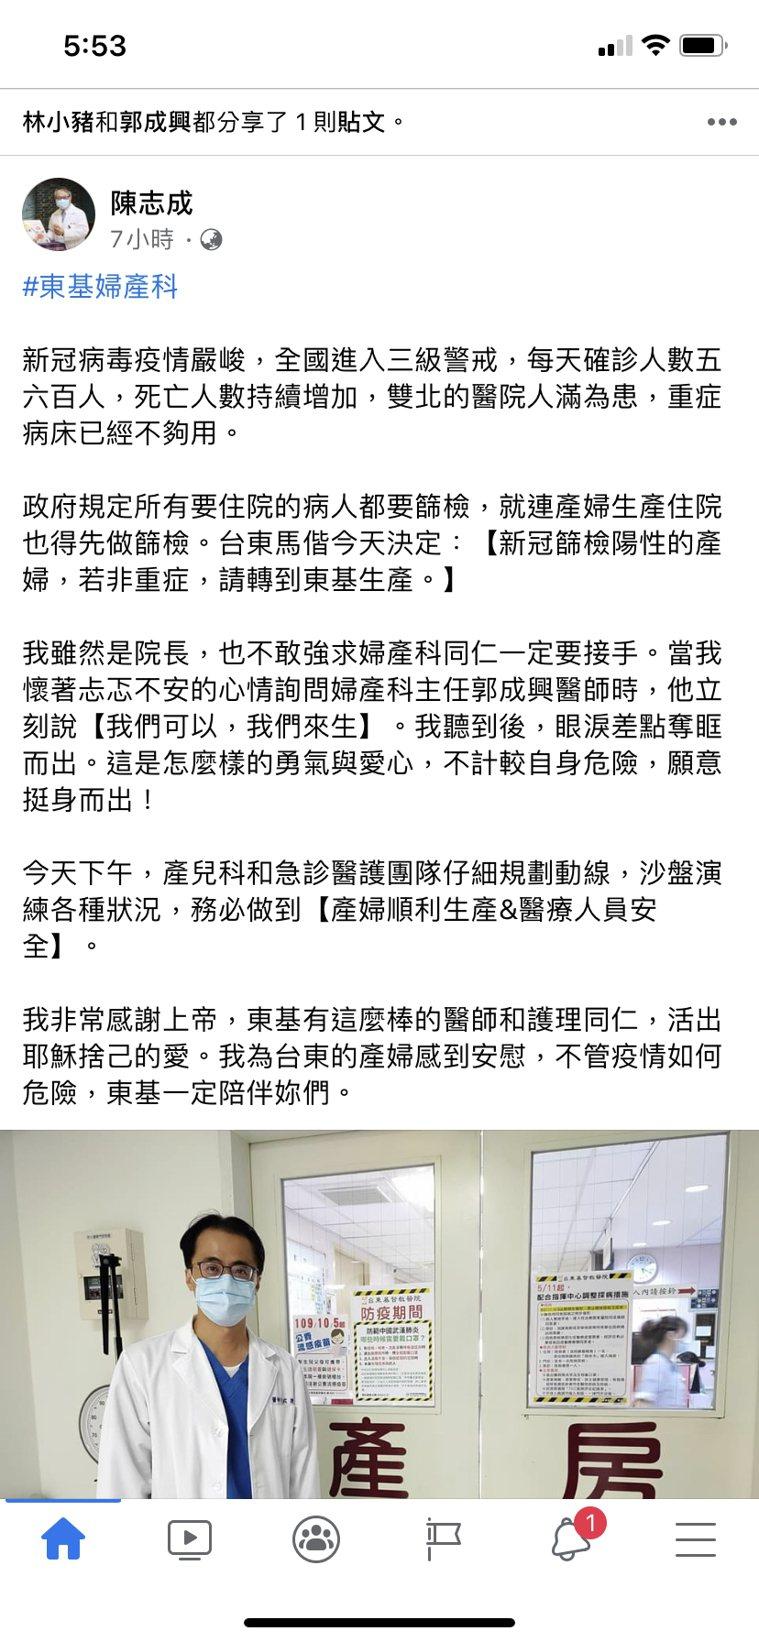 台東基督教醫院院長陳志成今天在個人臉書貼文,感謝產兒科醫護的勇氣與愛心。圖/翻攝...